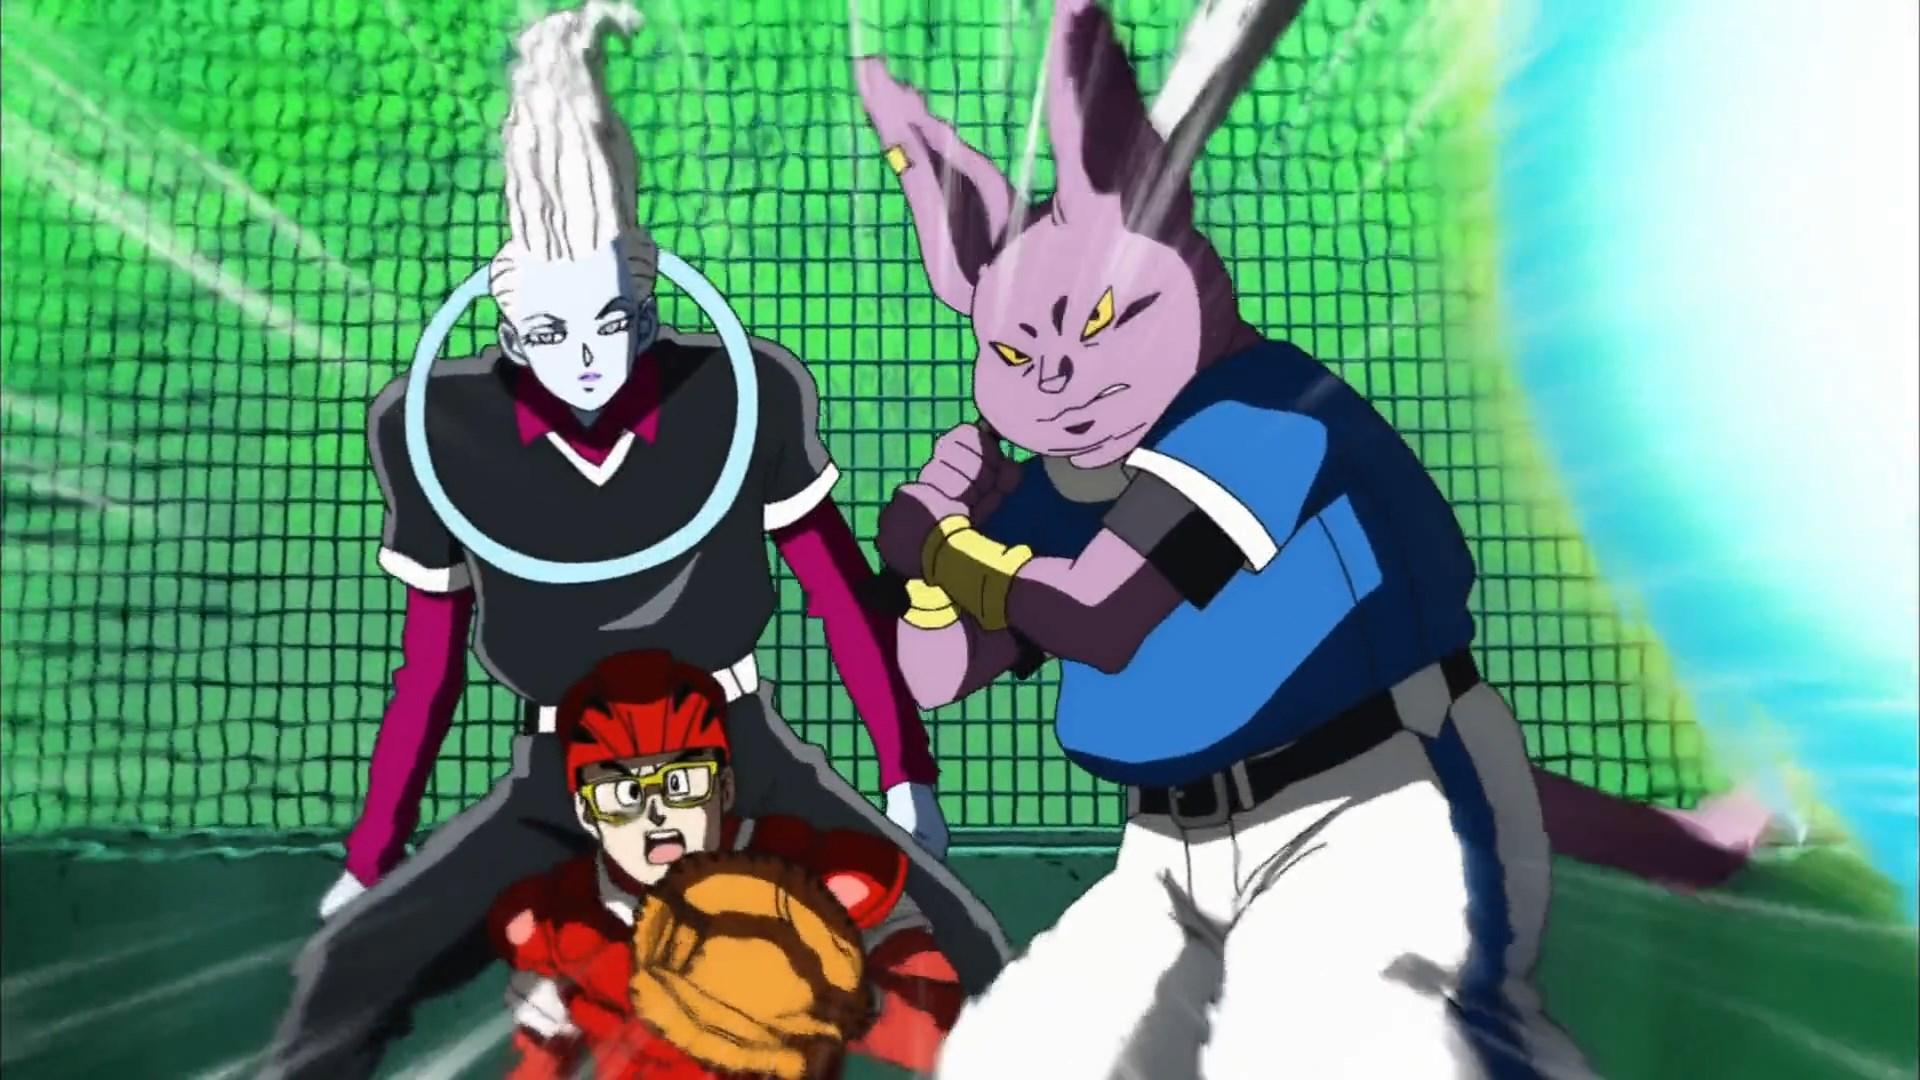 [DS] Dragon Ball Super 070 [1080p].mkv_snapshot_07.45_[2016.12.11_03.40.26]